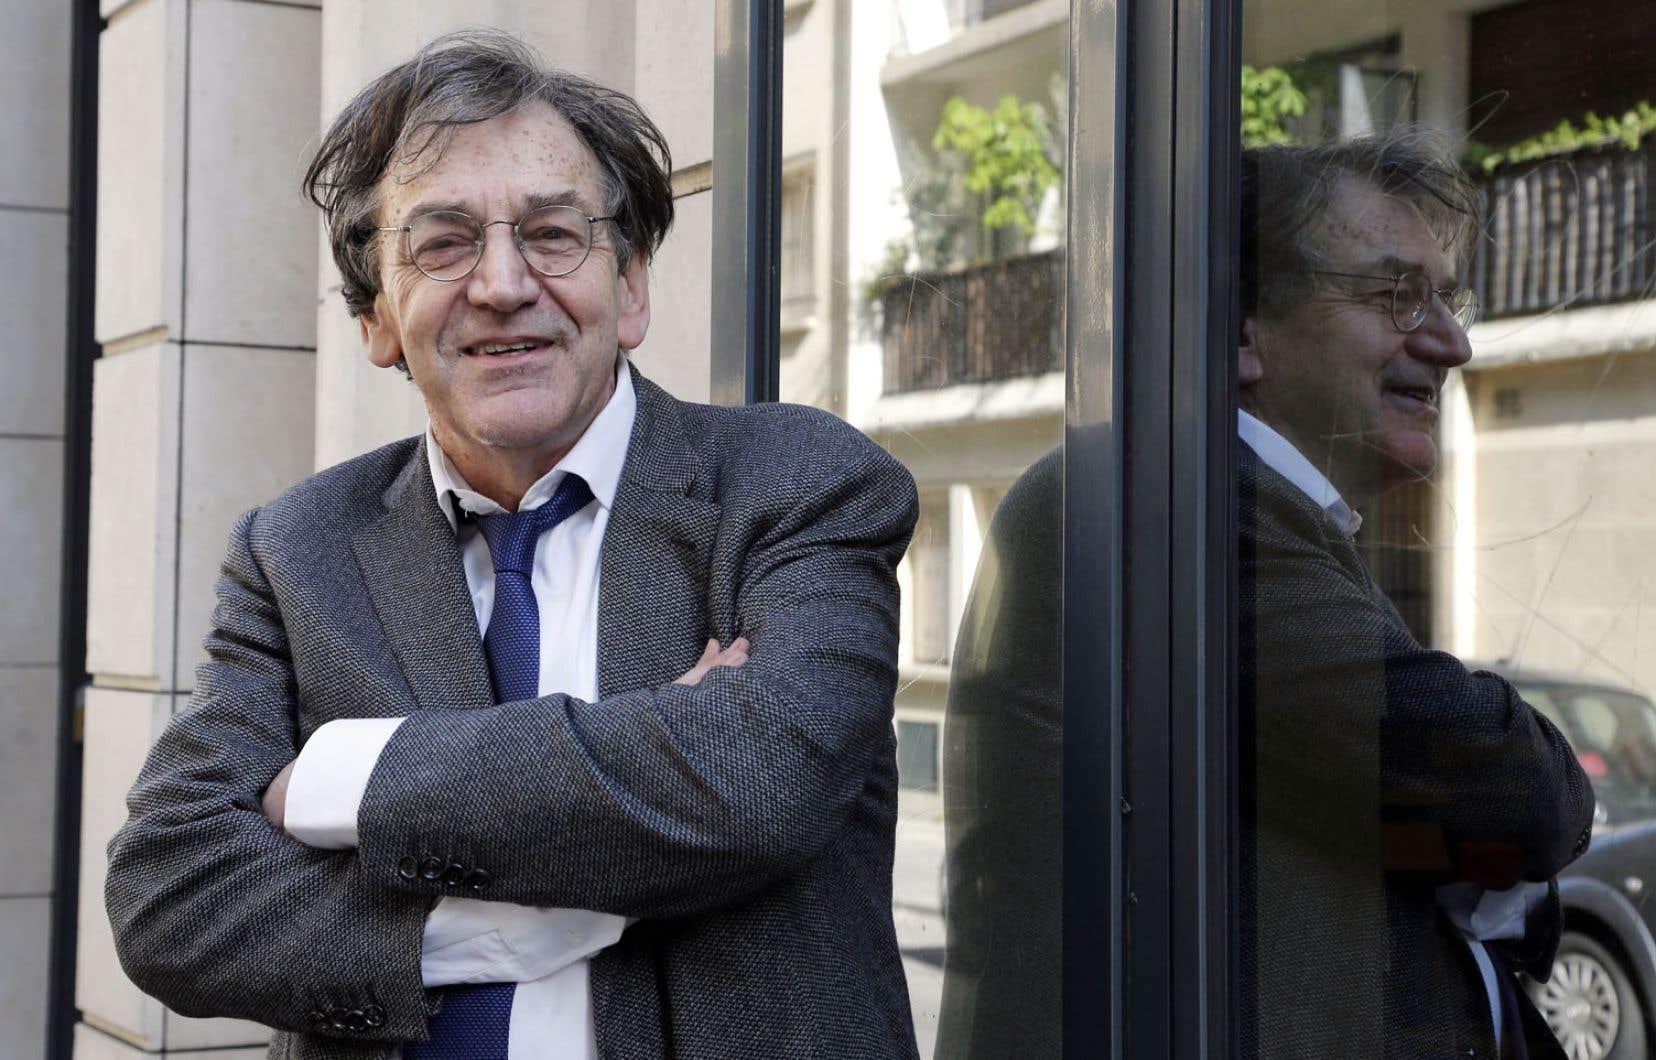 Le philosophe Alain Finkielkraut a récolté 16 voix sur 28 au premier tour. Il occupera le fauteuil de Félicien Marceau.